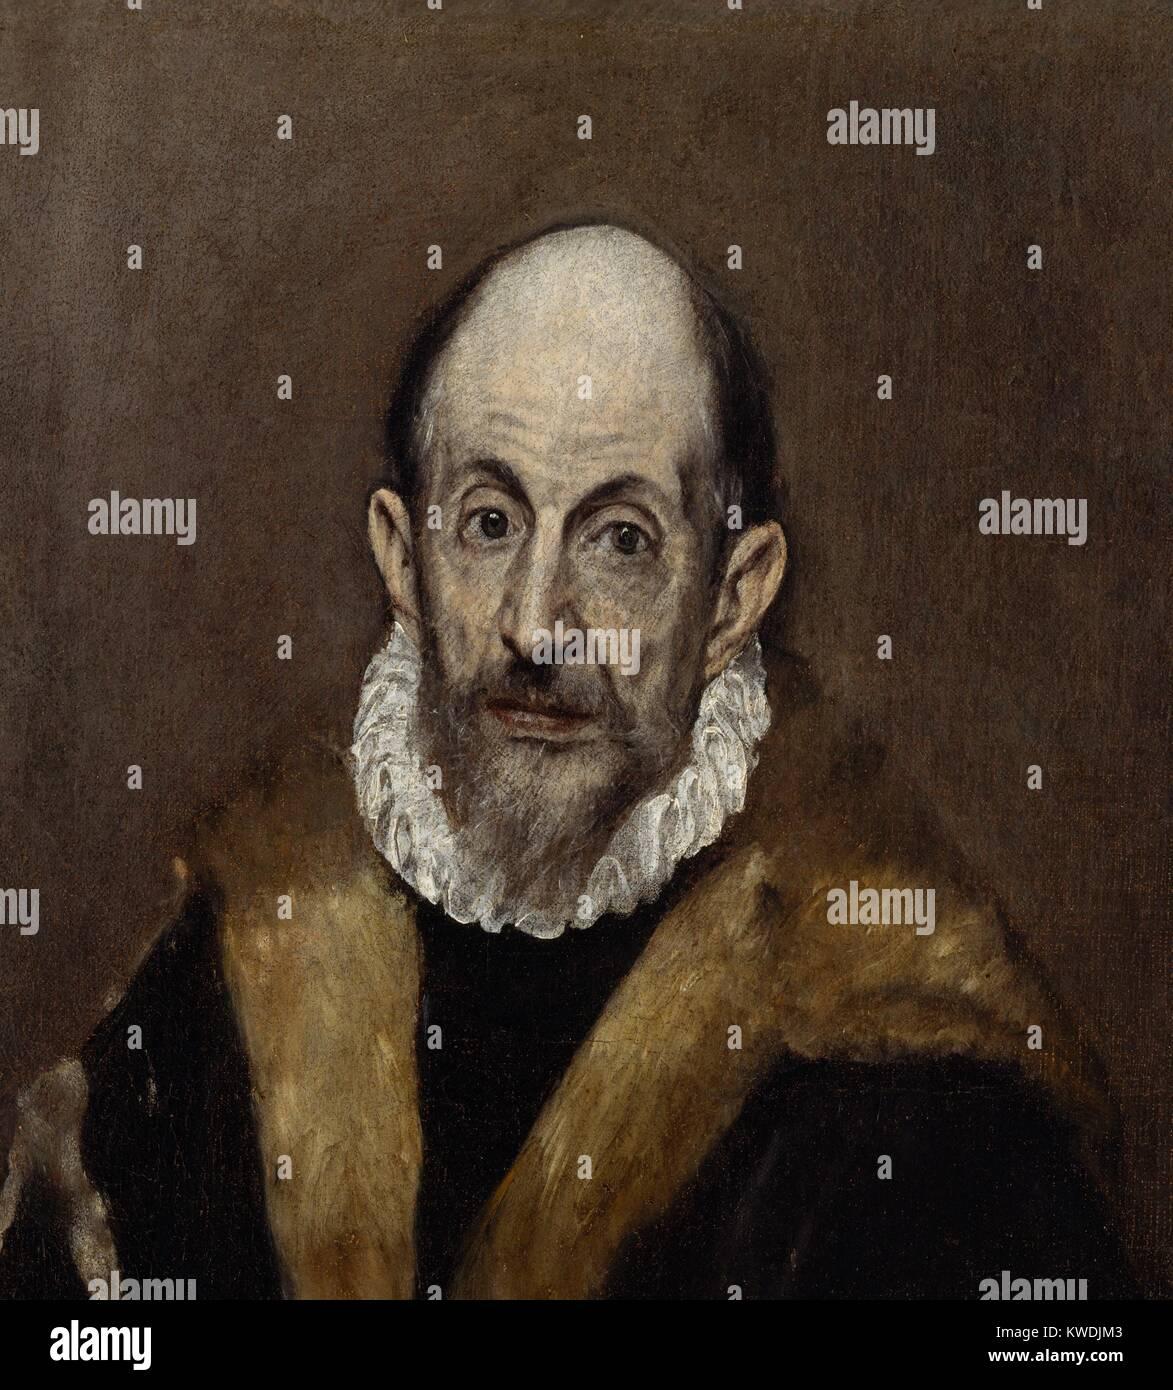 Retrato de un hombre viejo, de El Greco, 1595-1600, la pintura del Renacimiento español, óleo sobre lienzo. Imagen De Stock